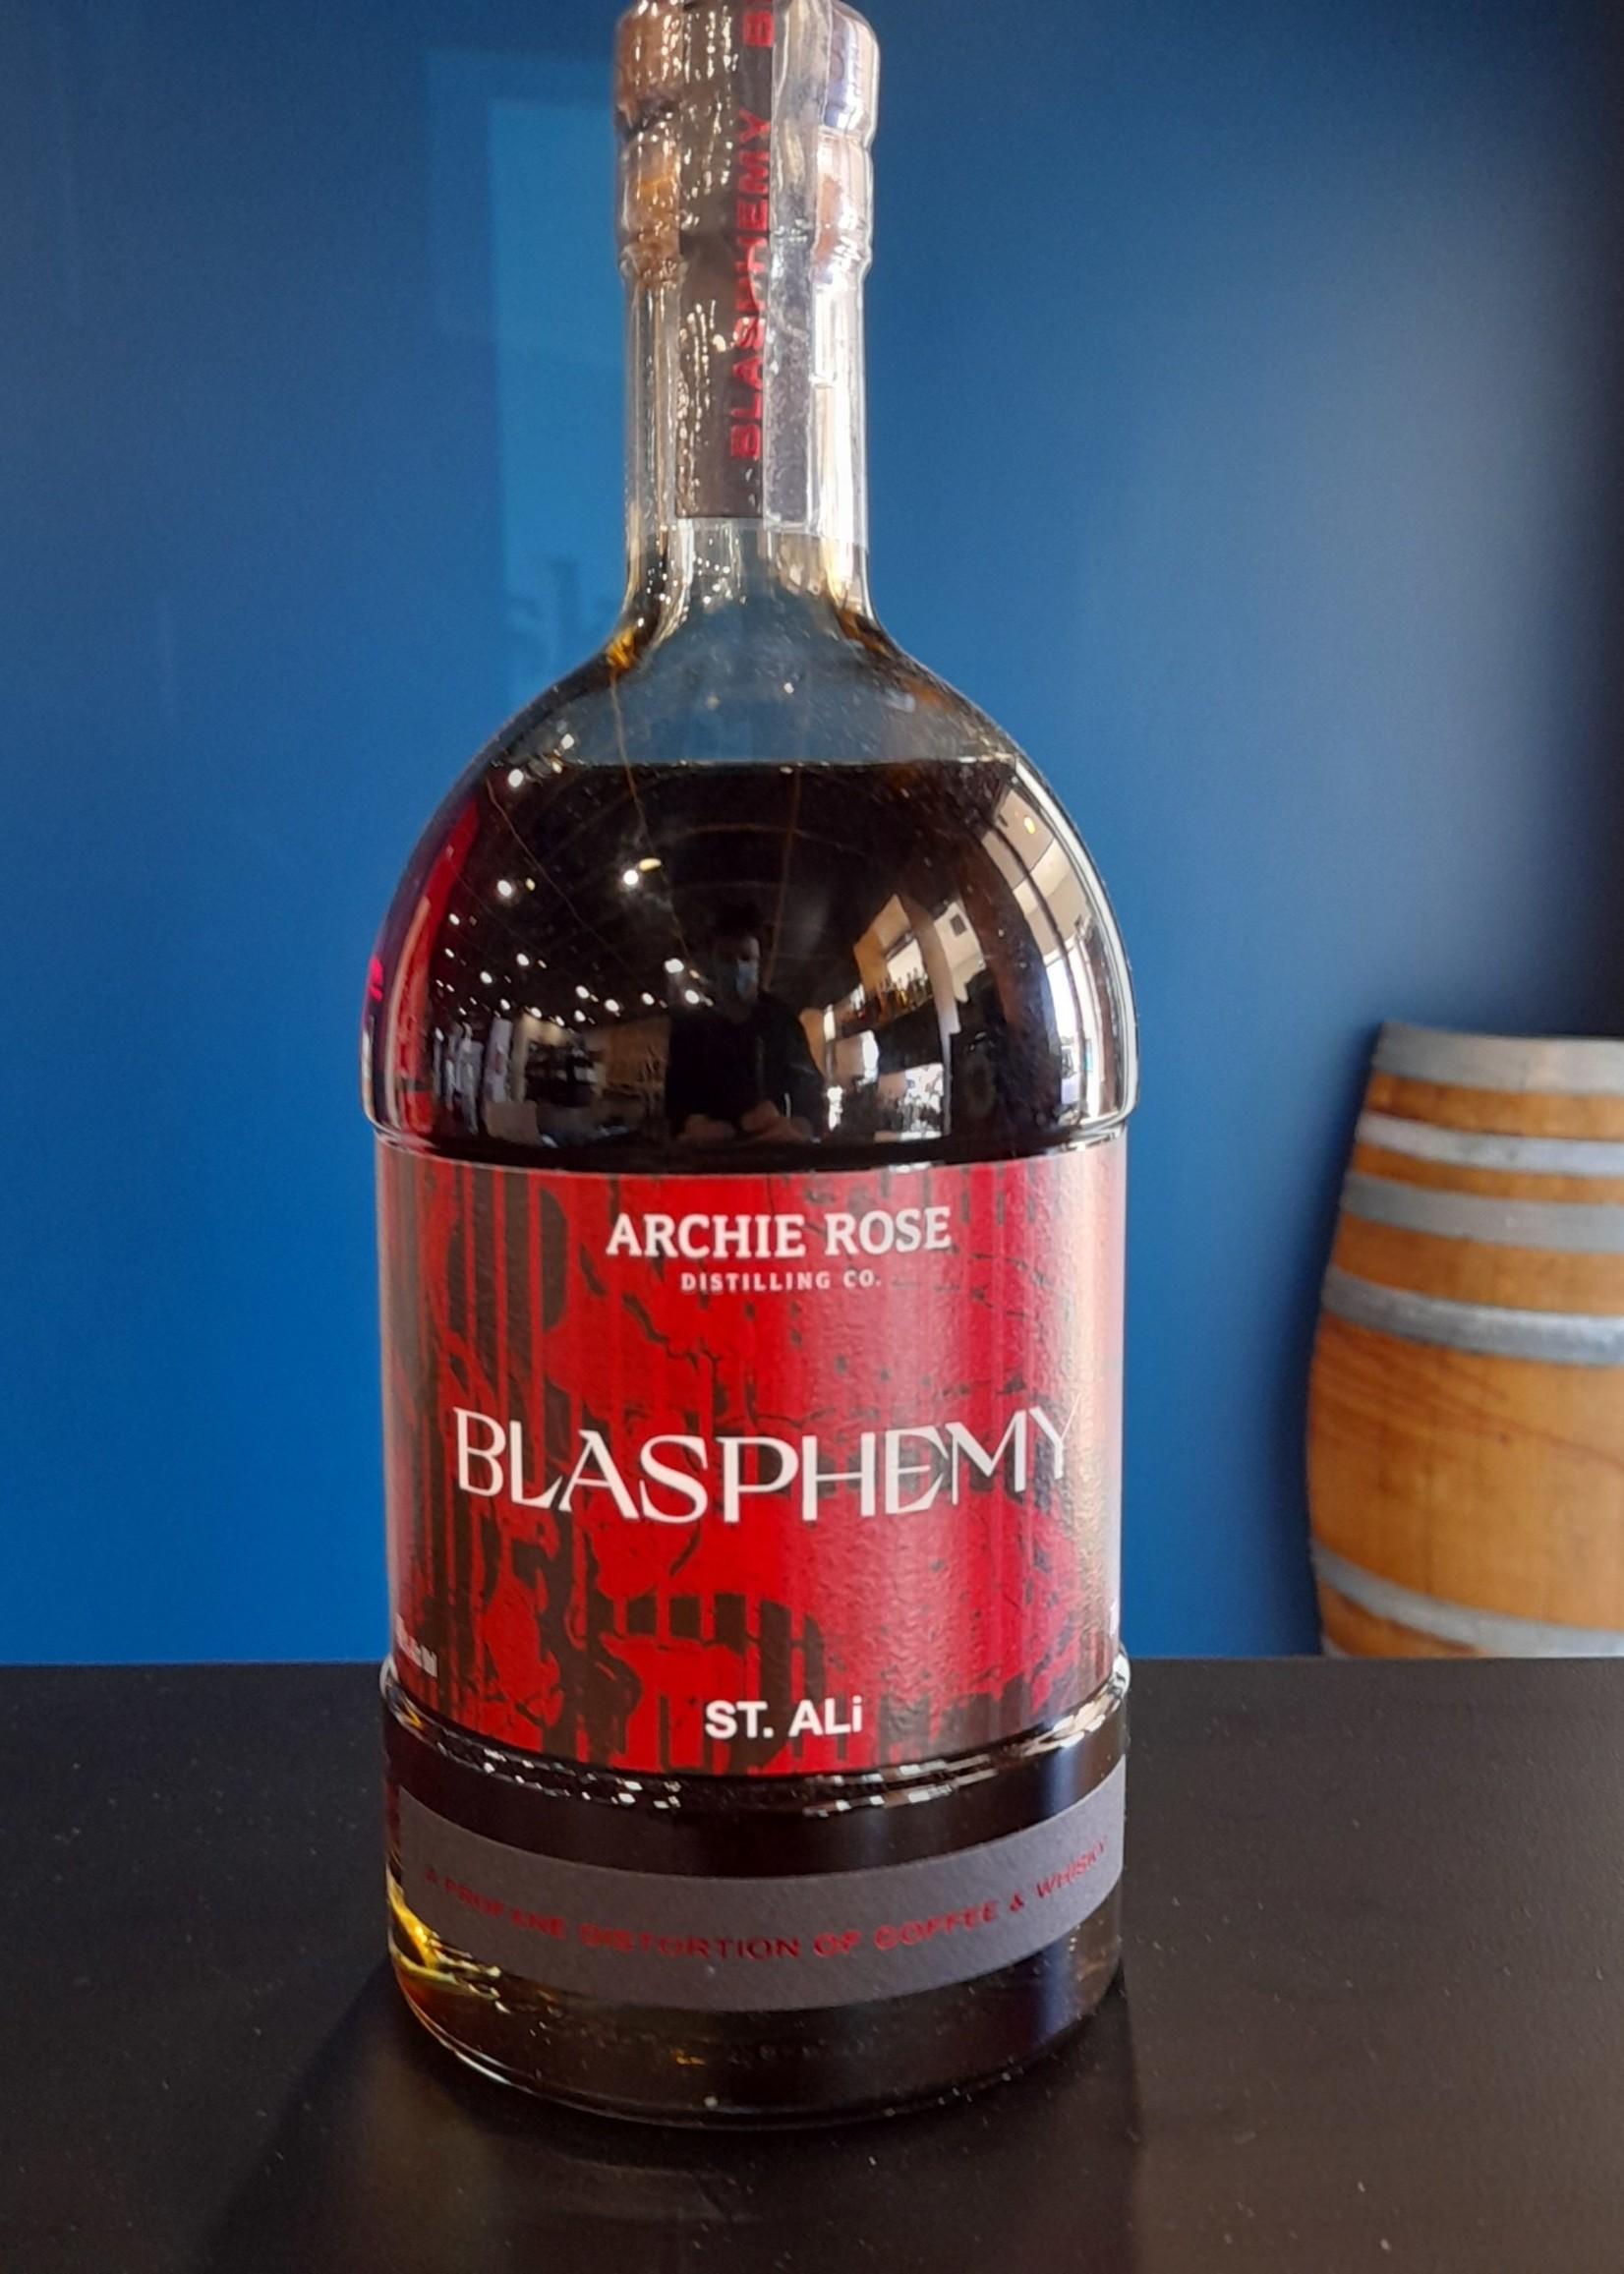 Archie Rose Archie Rose x St. Ali-Blasphemy Whiskey